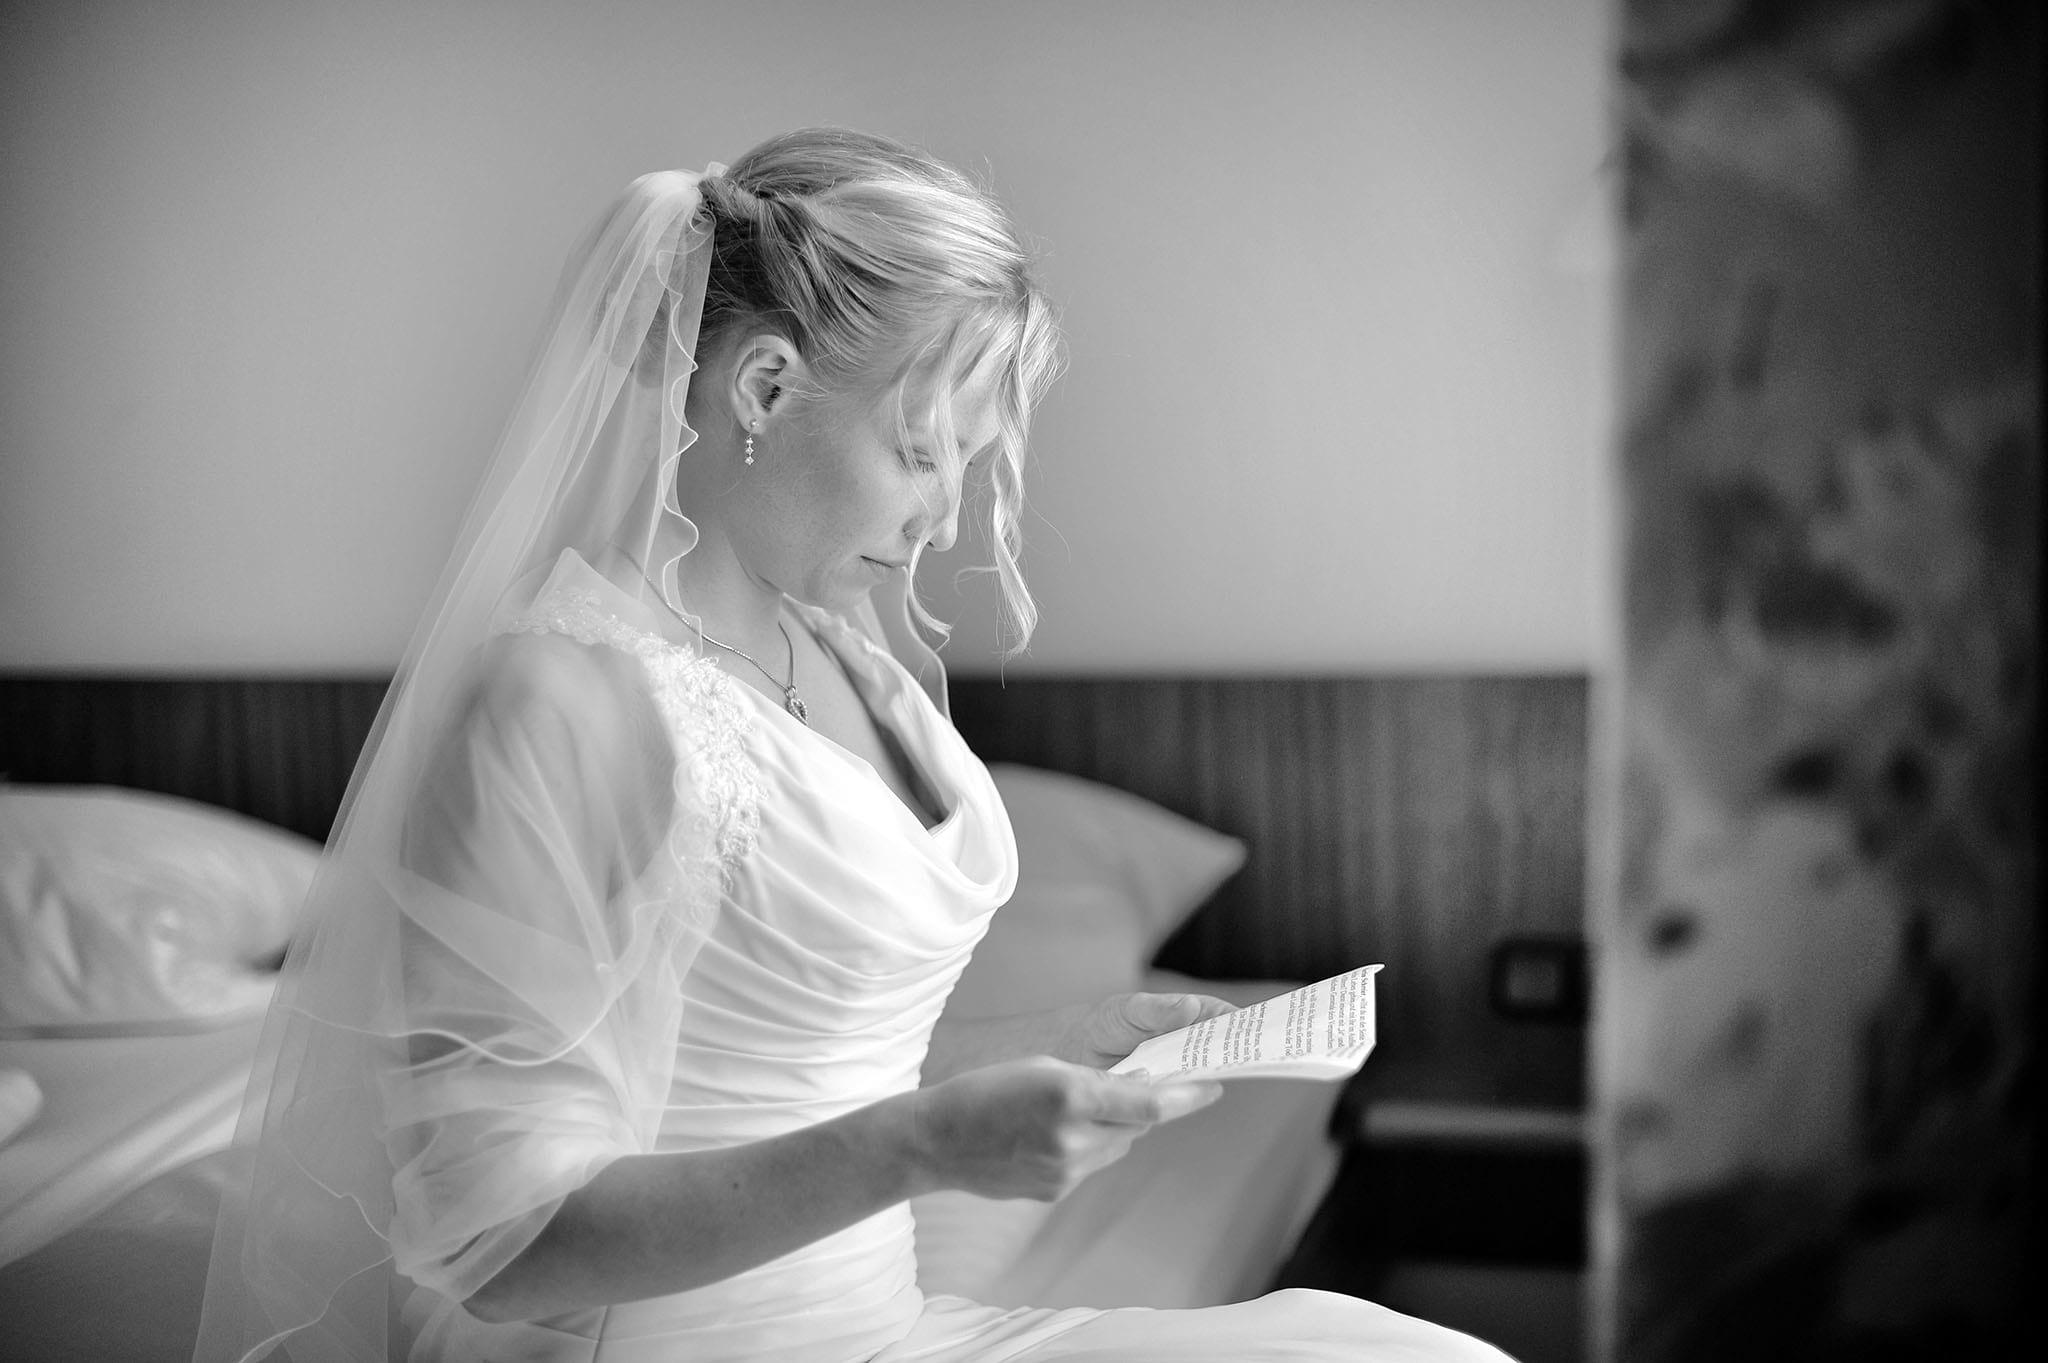 Hochzeit 027 Braut Hochzeit heiraten Hochzeitsfoto Fürbitte Ehegelöbnis Schleider Hochzeitsfotografie Daniel Fuss Fotografie